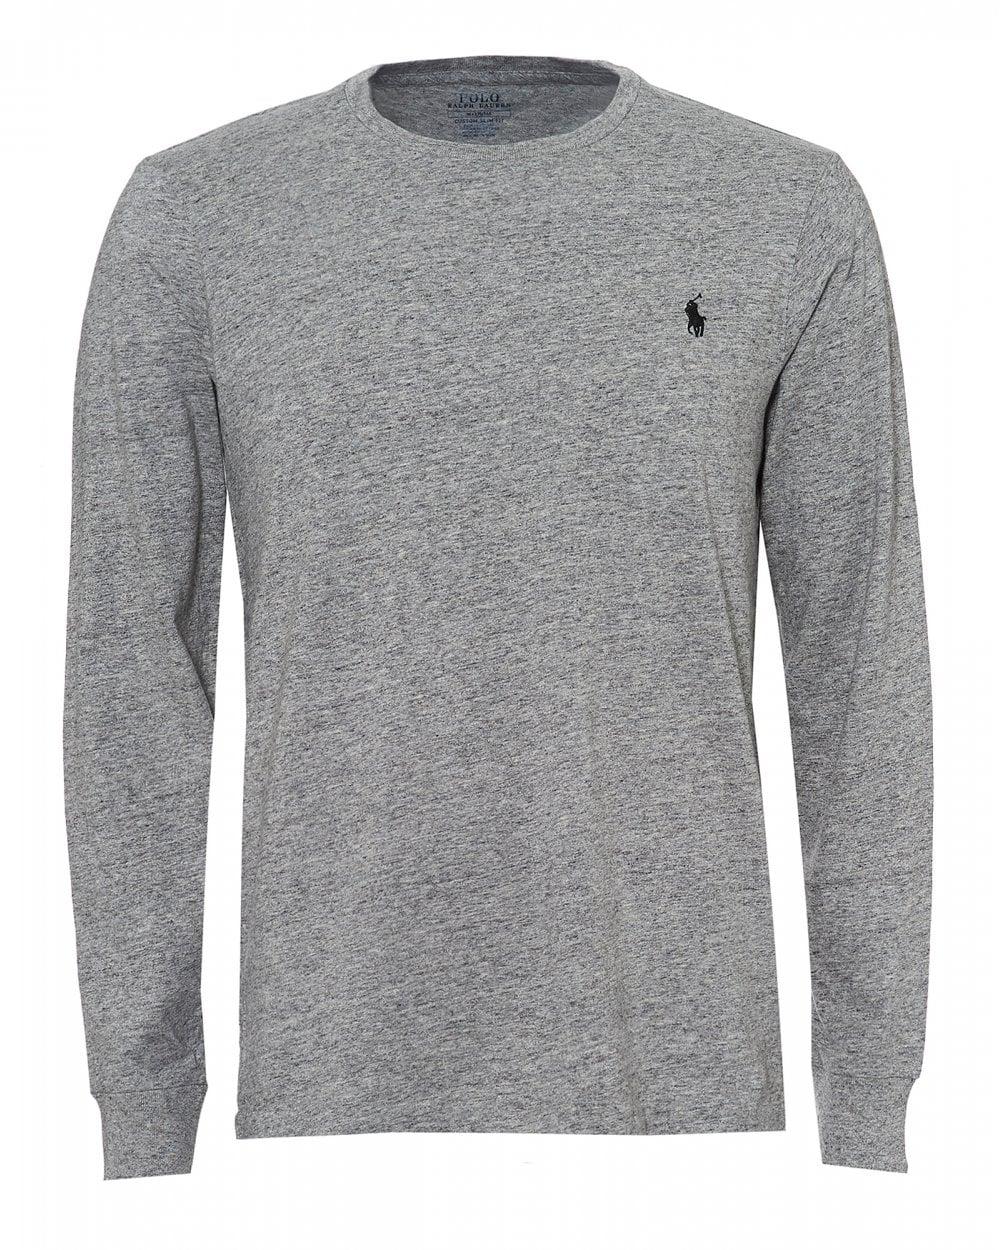 Ralph Lauren Mens Grey Long Sleeve T-Shirt b6dc7698e3ce